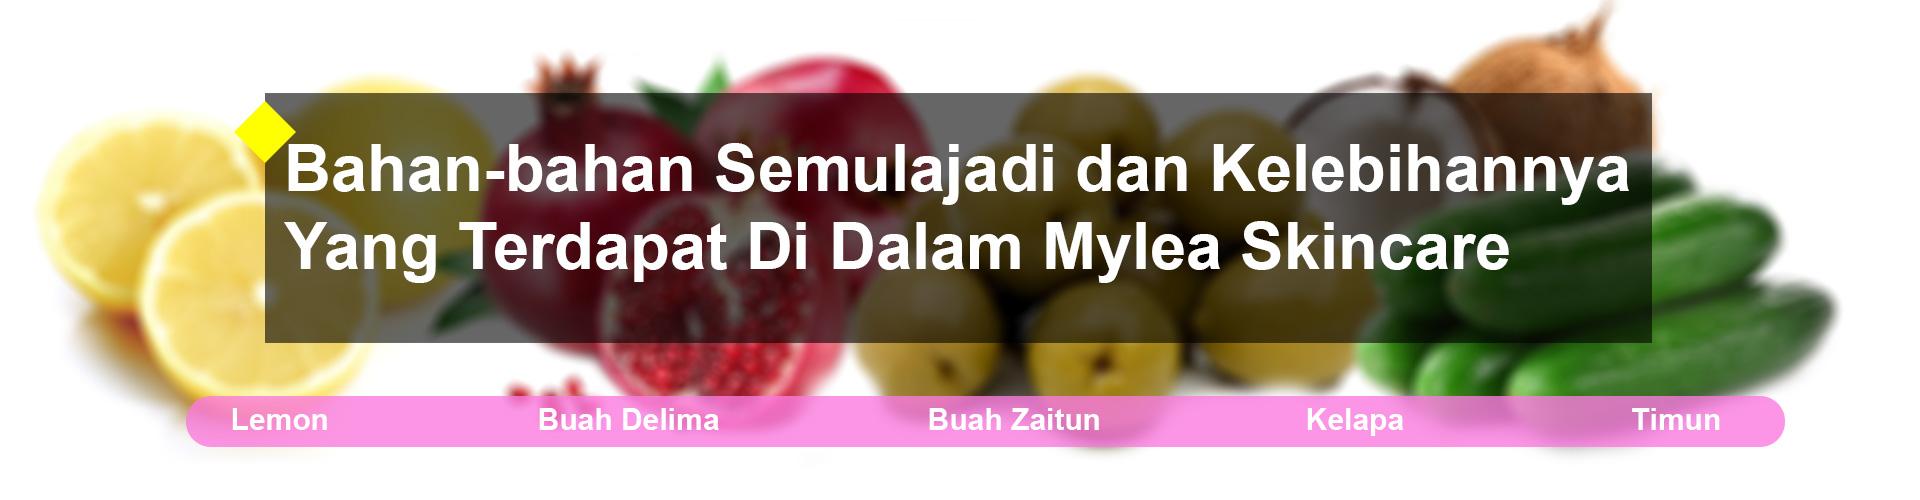 Mylea_Bahan_Semulajadi